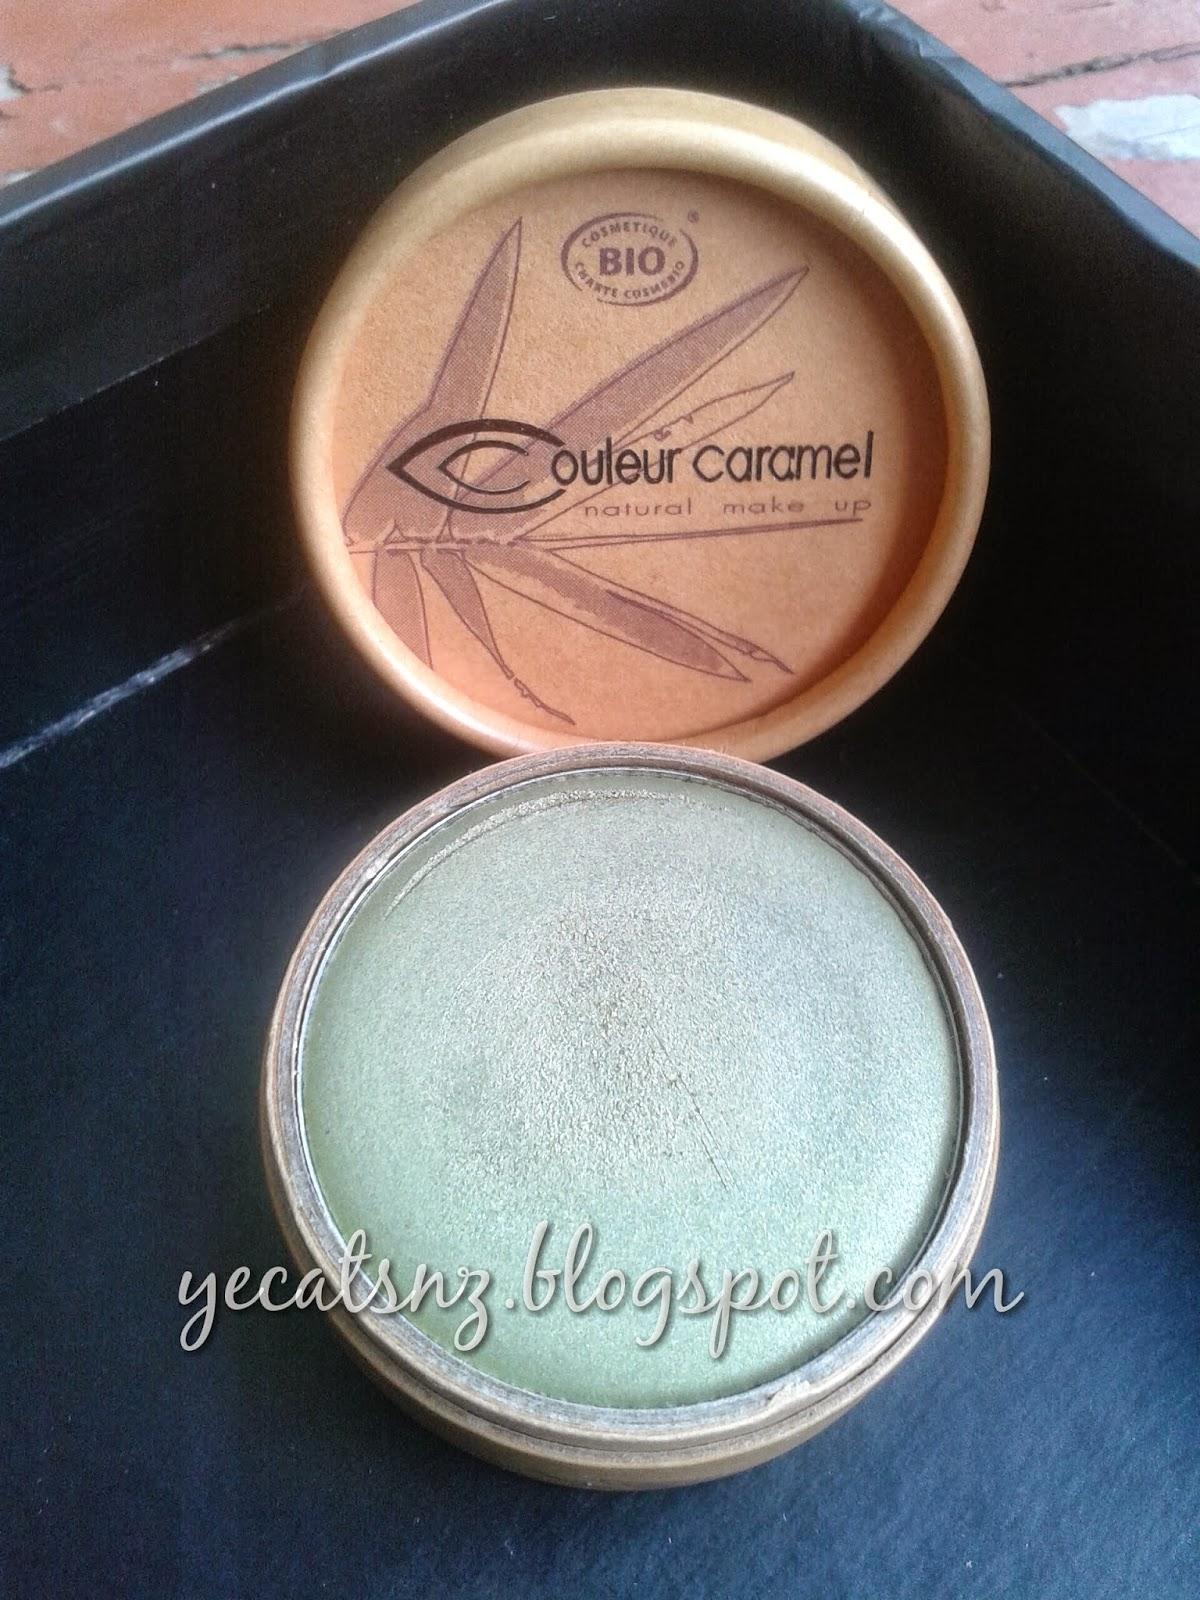 Couleur Caramel nz From Www.couleur-caramel.co.nz